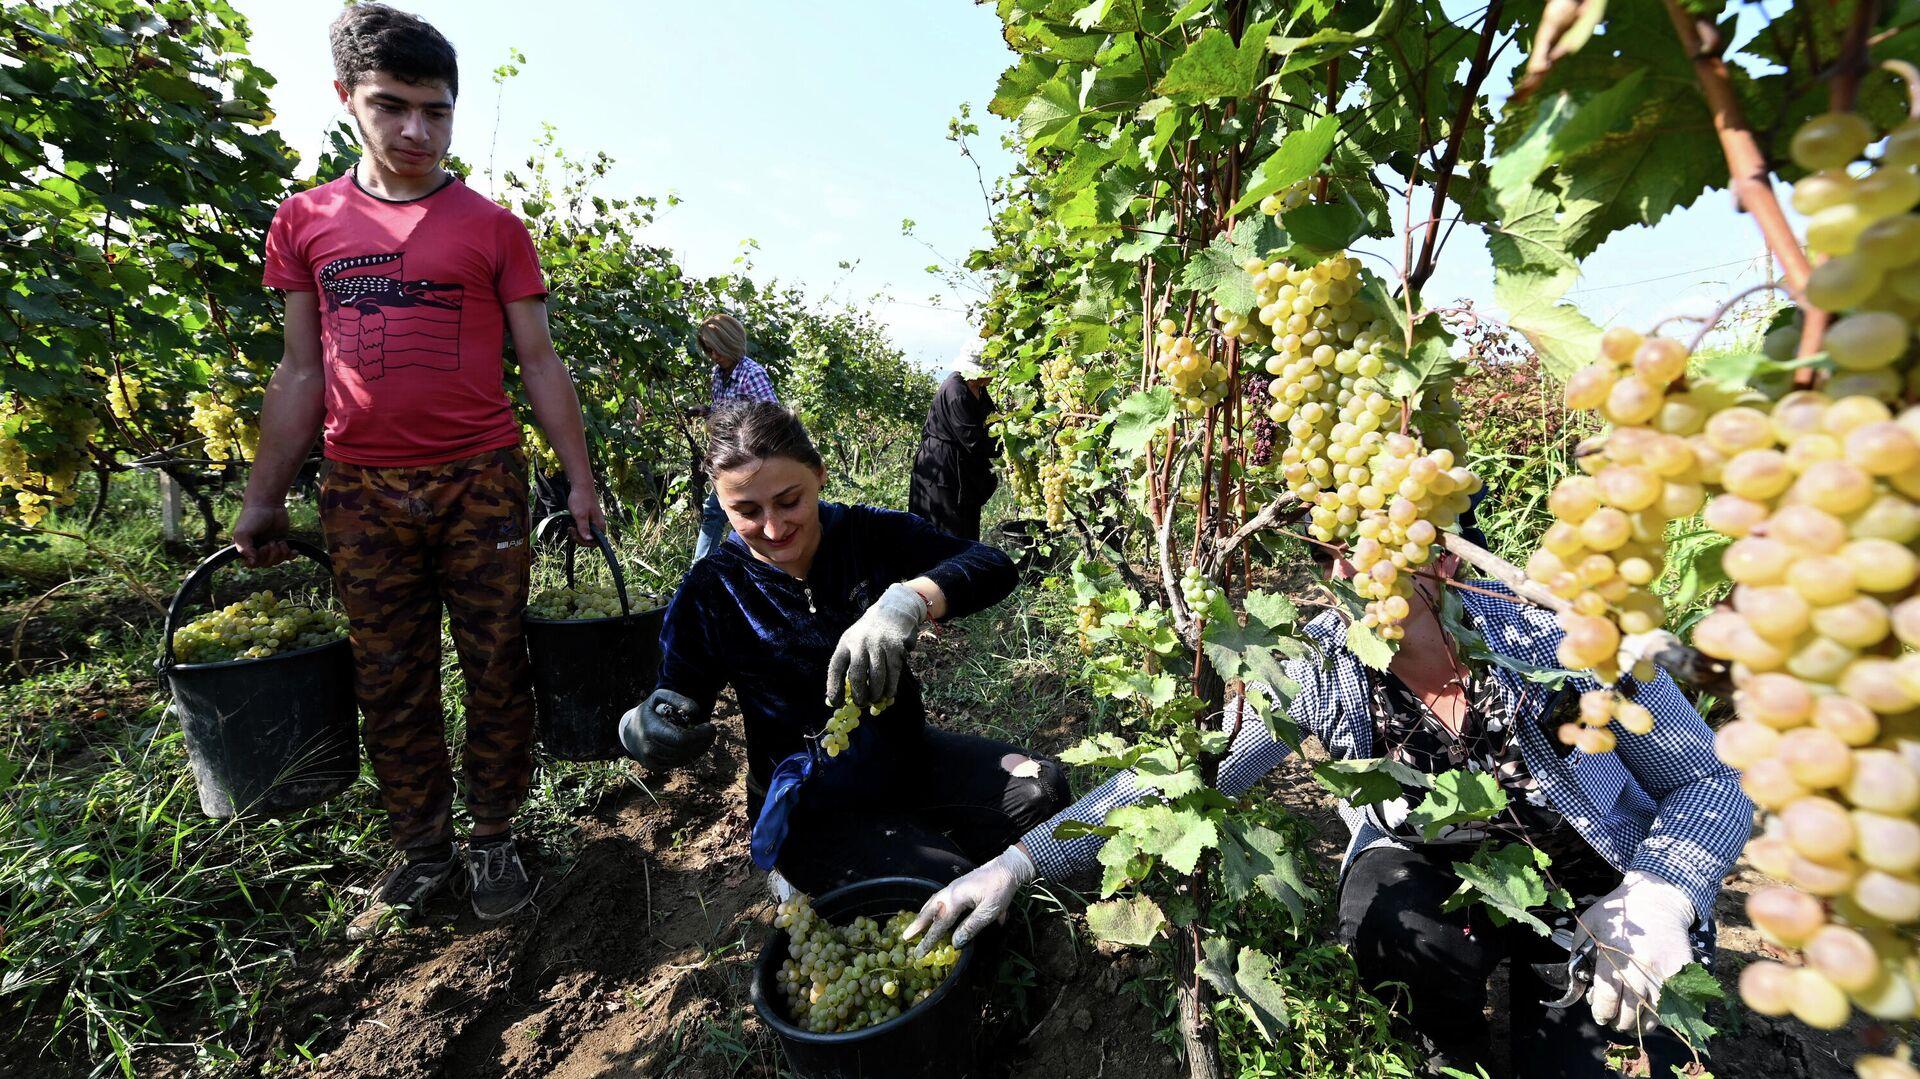 Сбор урожая винограда - ртвели 2021 в Кахети. Фермеры работают на винограднике - Sputnik Грузия, 1920, 13.10.2021